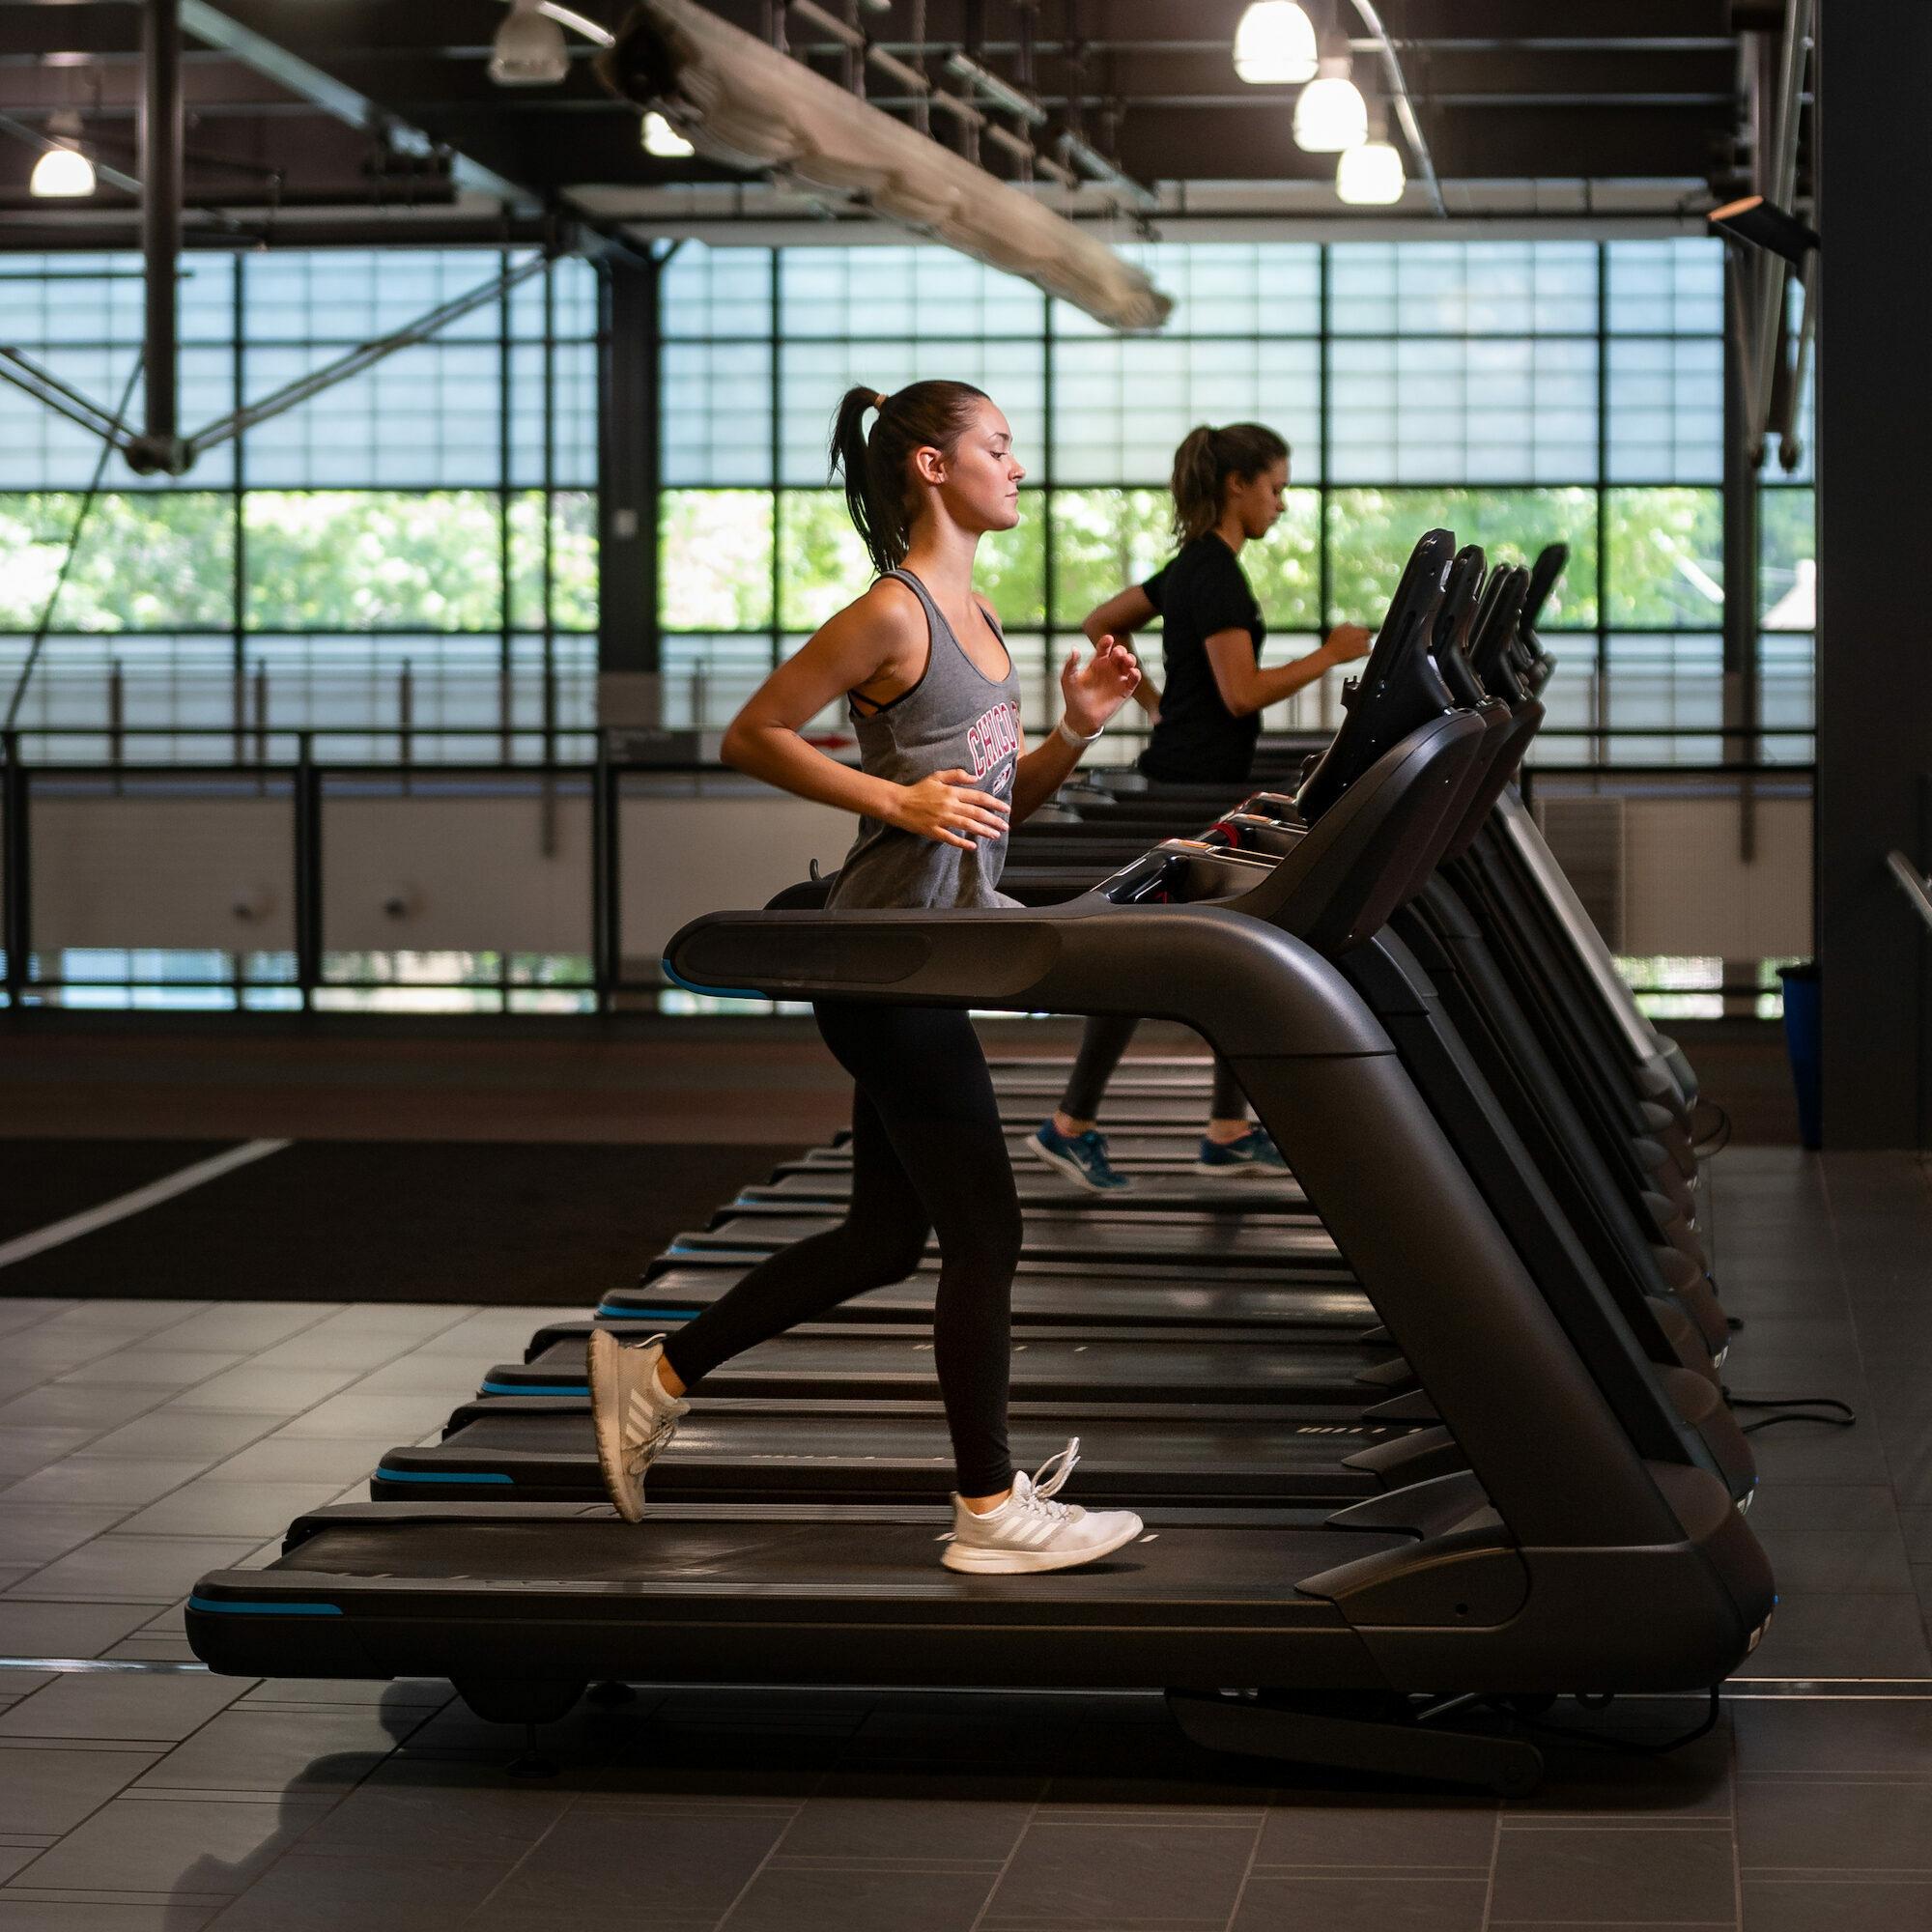 photo of woman running on treadmill